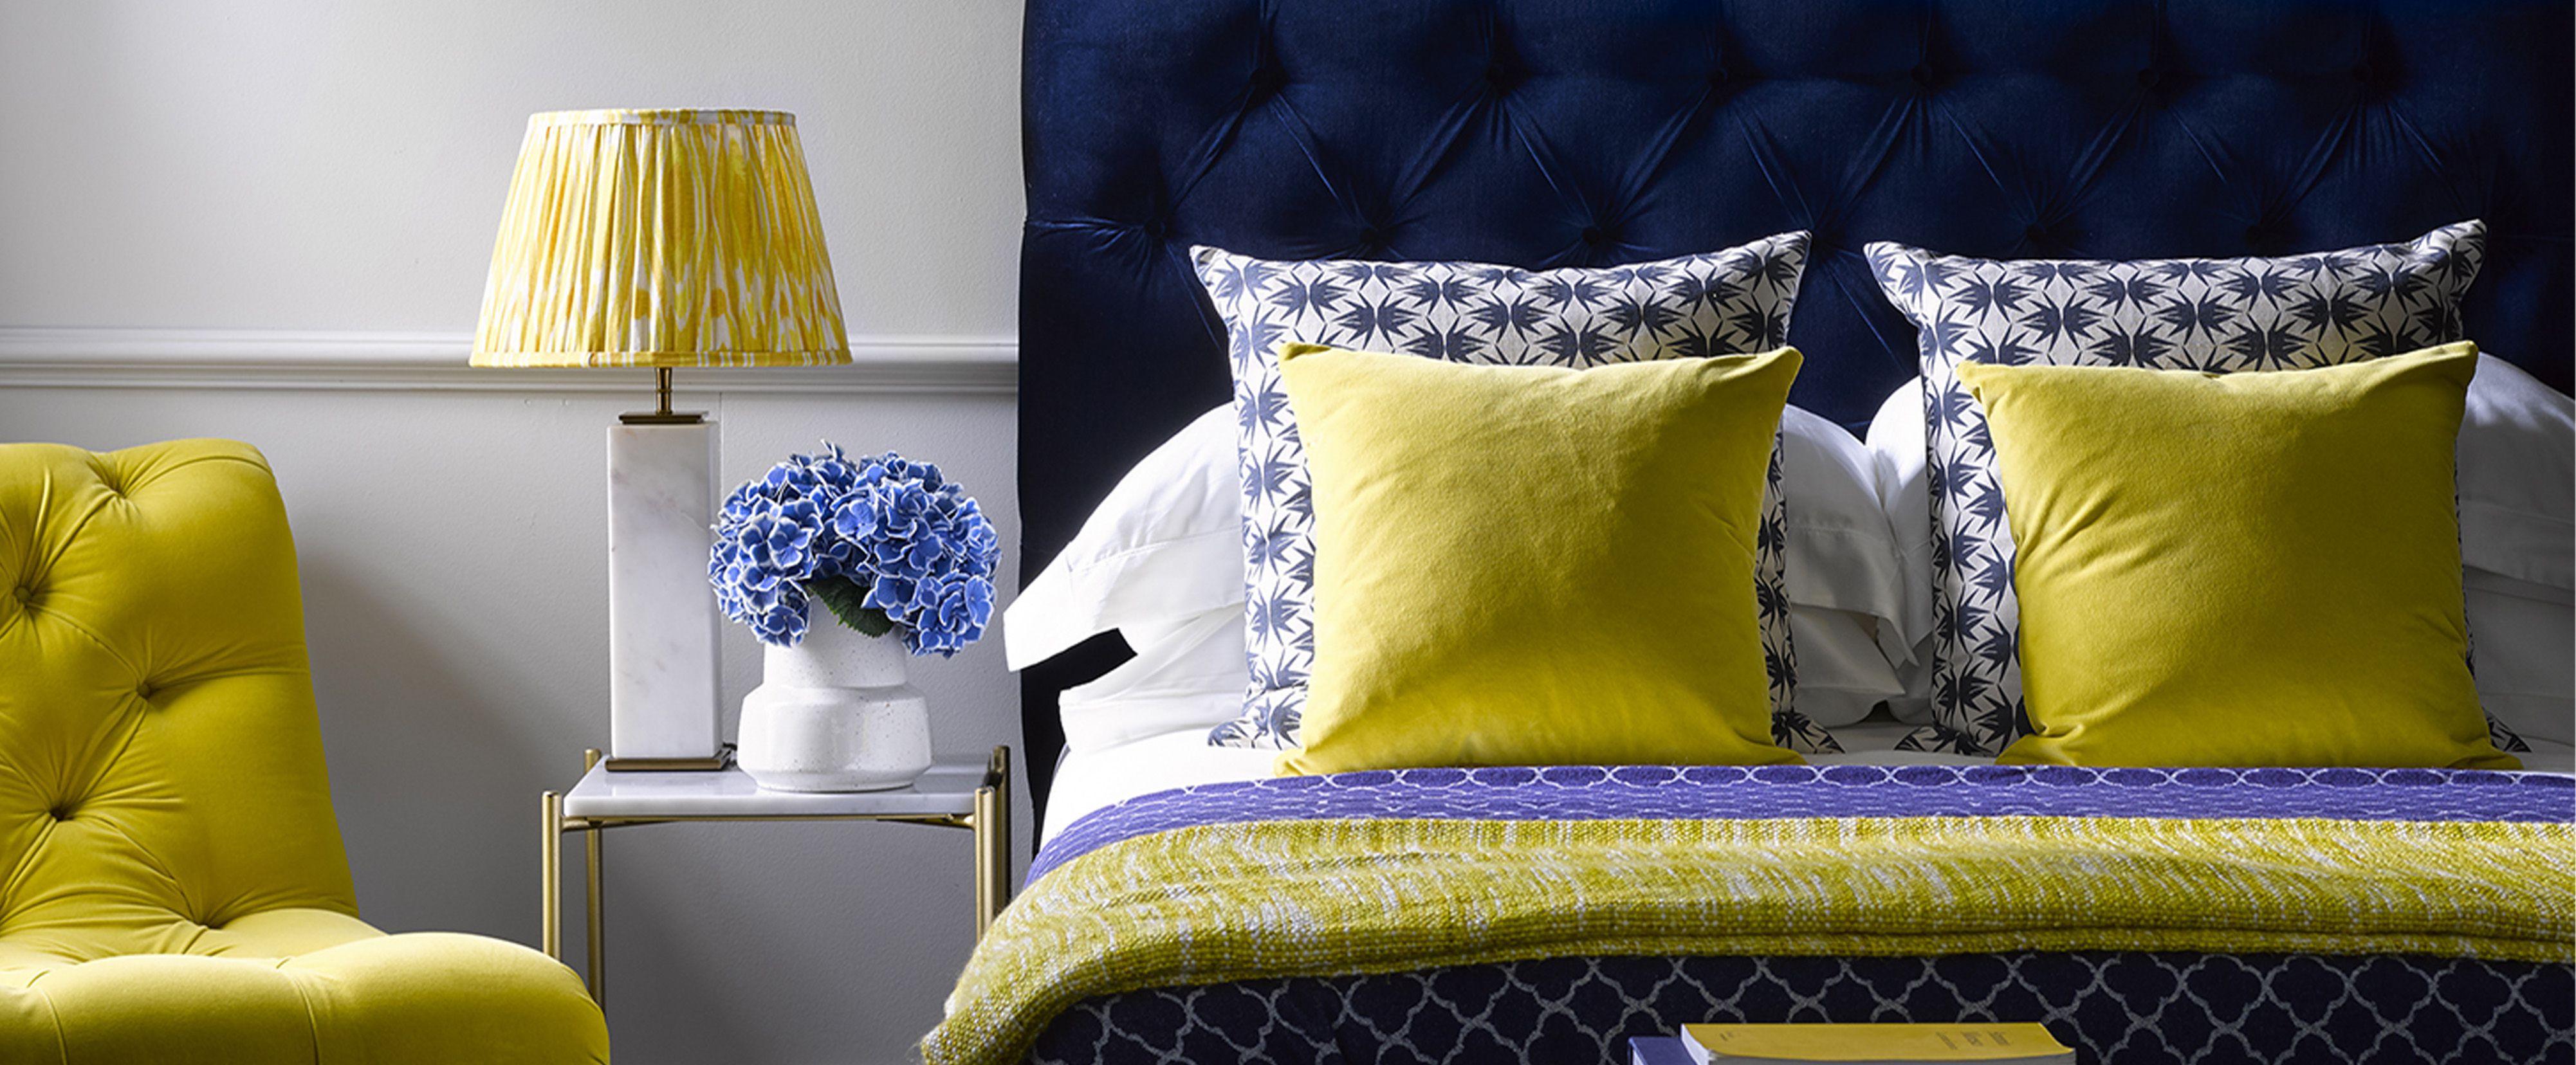 ottoman-beds.jpg